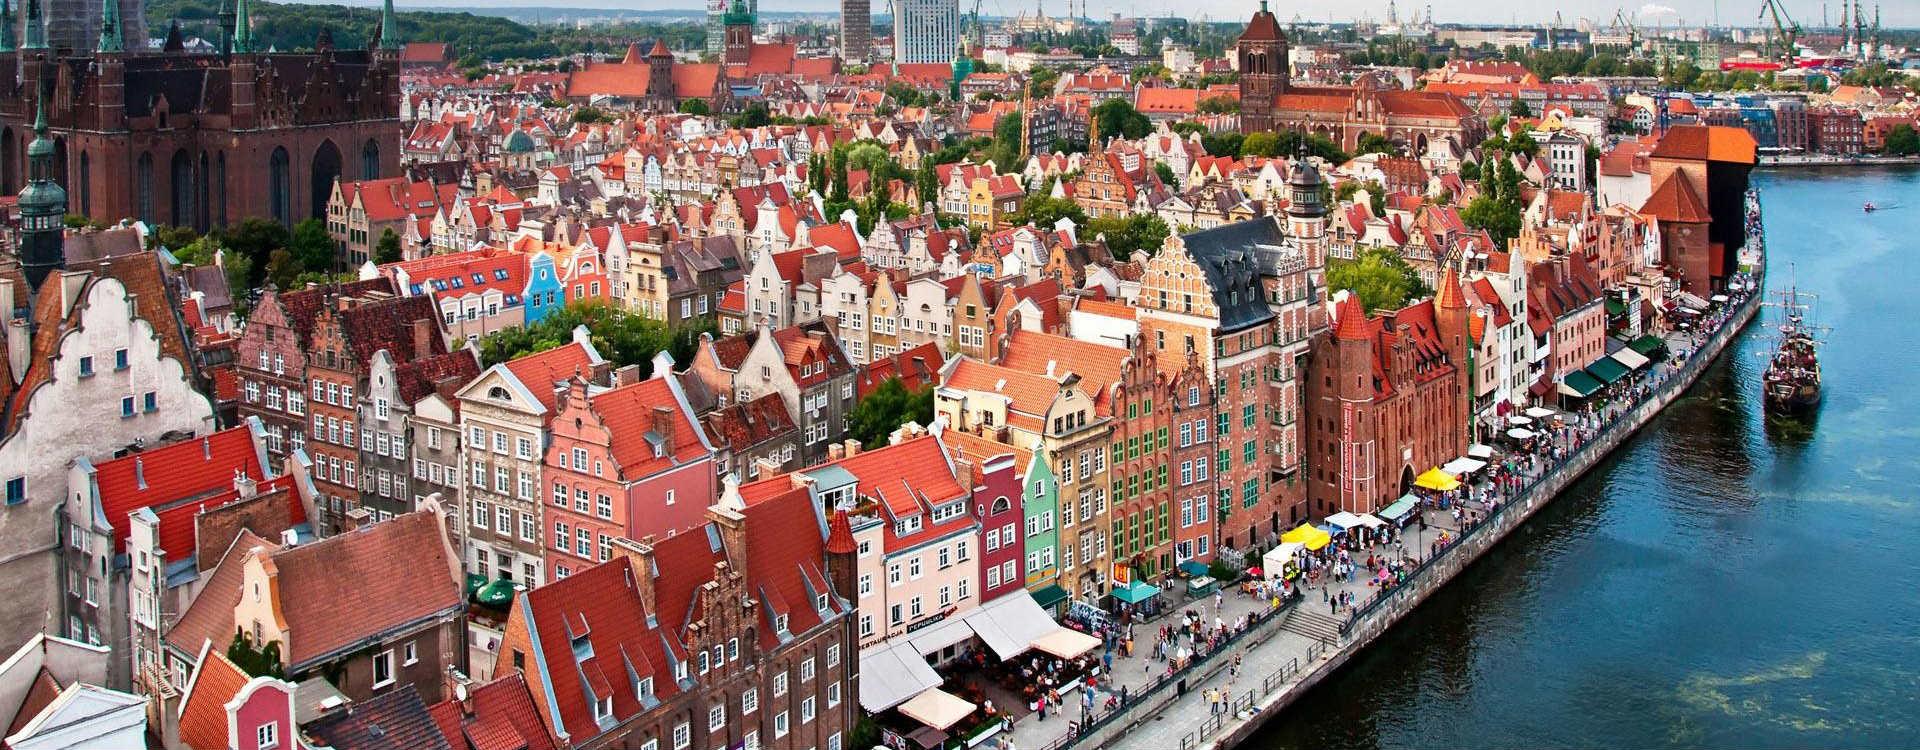 Excursión Cruceros Estocolmo a pie -Tour Privado